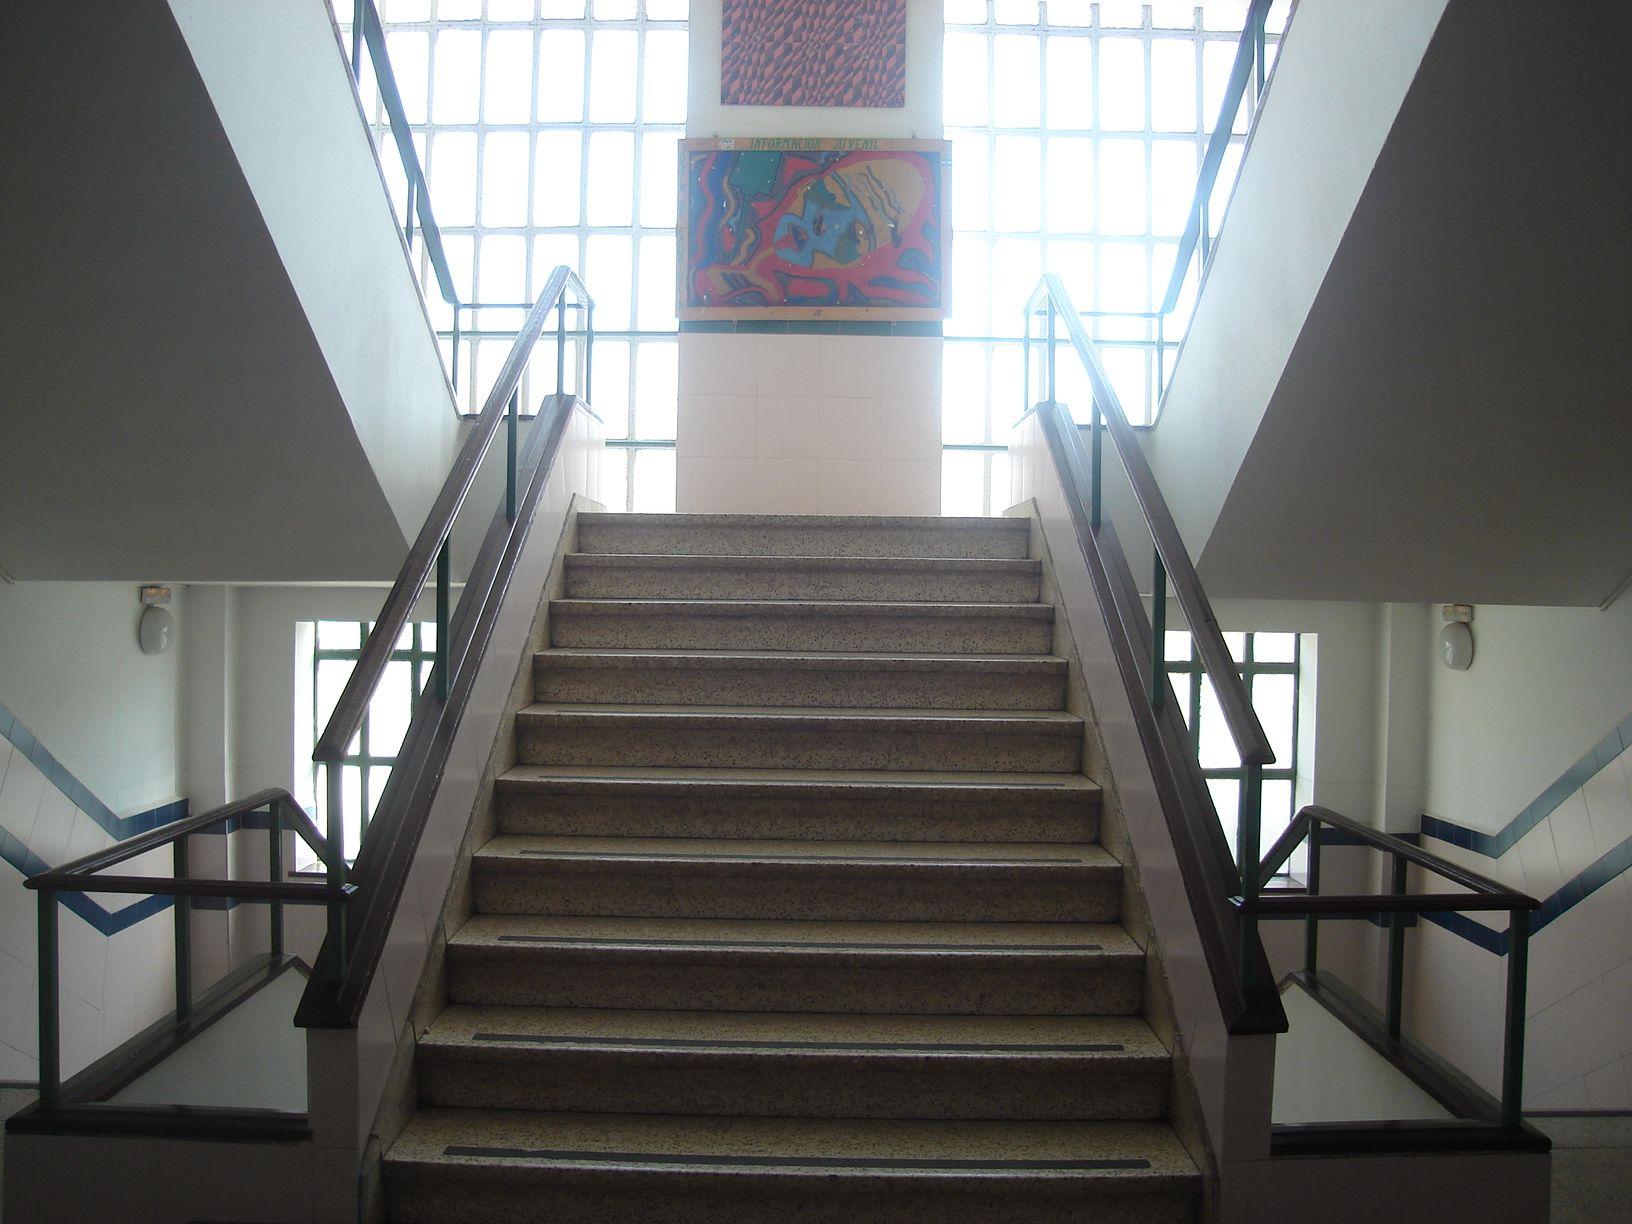 Escalera principal izquierda